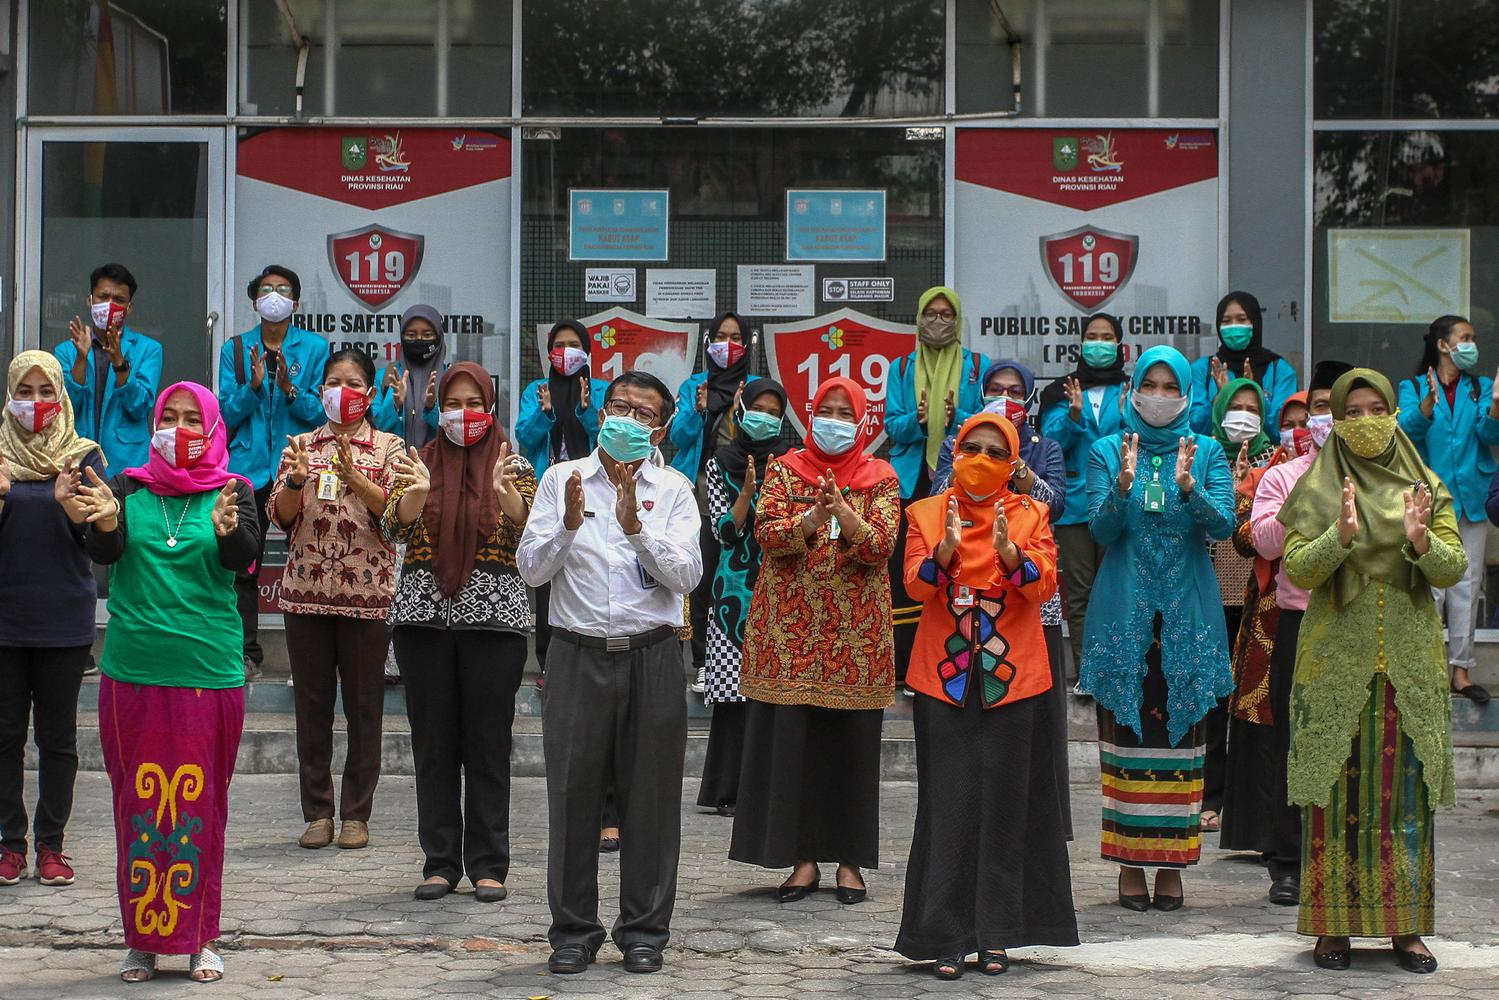 Pegawai Dinas Kesehatan Provinsi Riau bersama komunitas relawan peduli kesehatan bertepuk tangan selama 56 detik di halaman Kantor Dinkes Provinsi Riau di Pekanbaru, Riau, Kamis (12/11/2020). Selain untuk memperingati Hari Kesehatan Nasional ke-56, kegiatan tersebut juga sebagai bentuk apresiasi serta dukungan terhadap para seluruh petugas yang berjuang melawan COVID-19 dan juga kepada masyarakat yang telah melaksanakan protokol kesehatan.